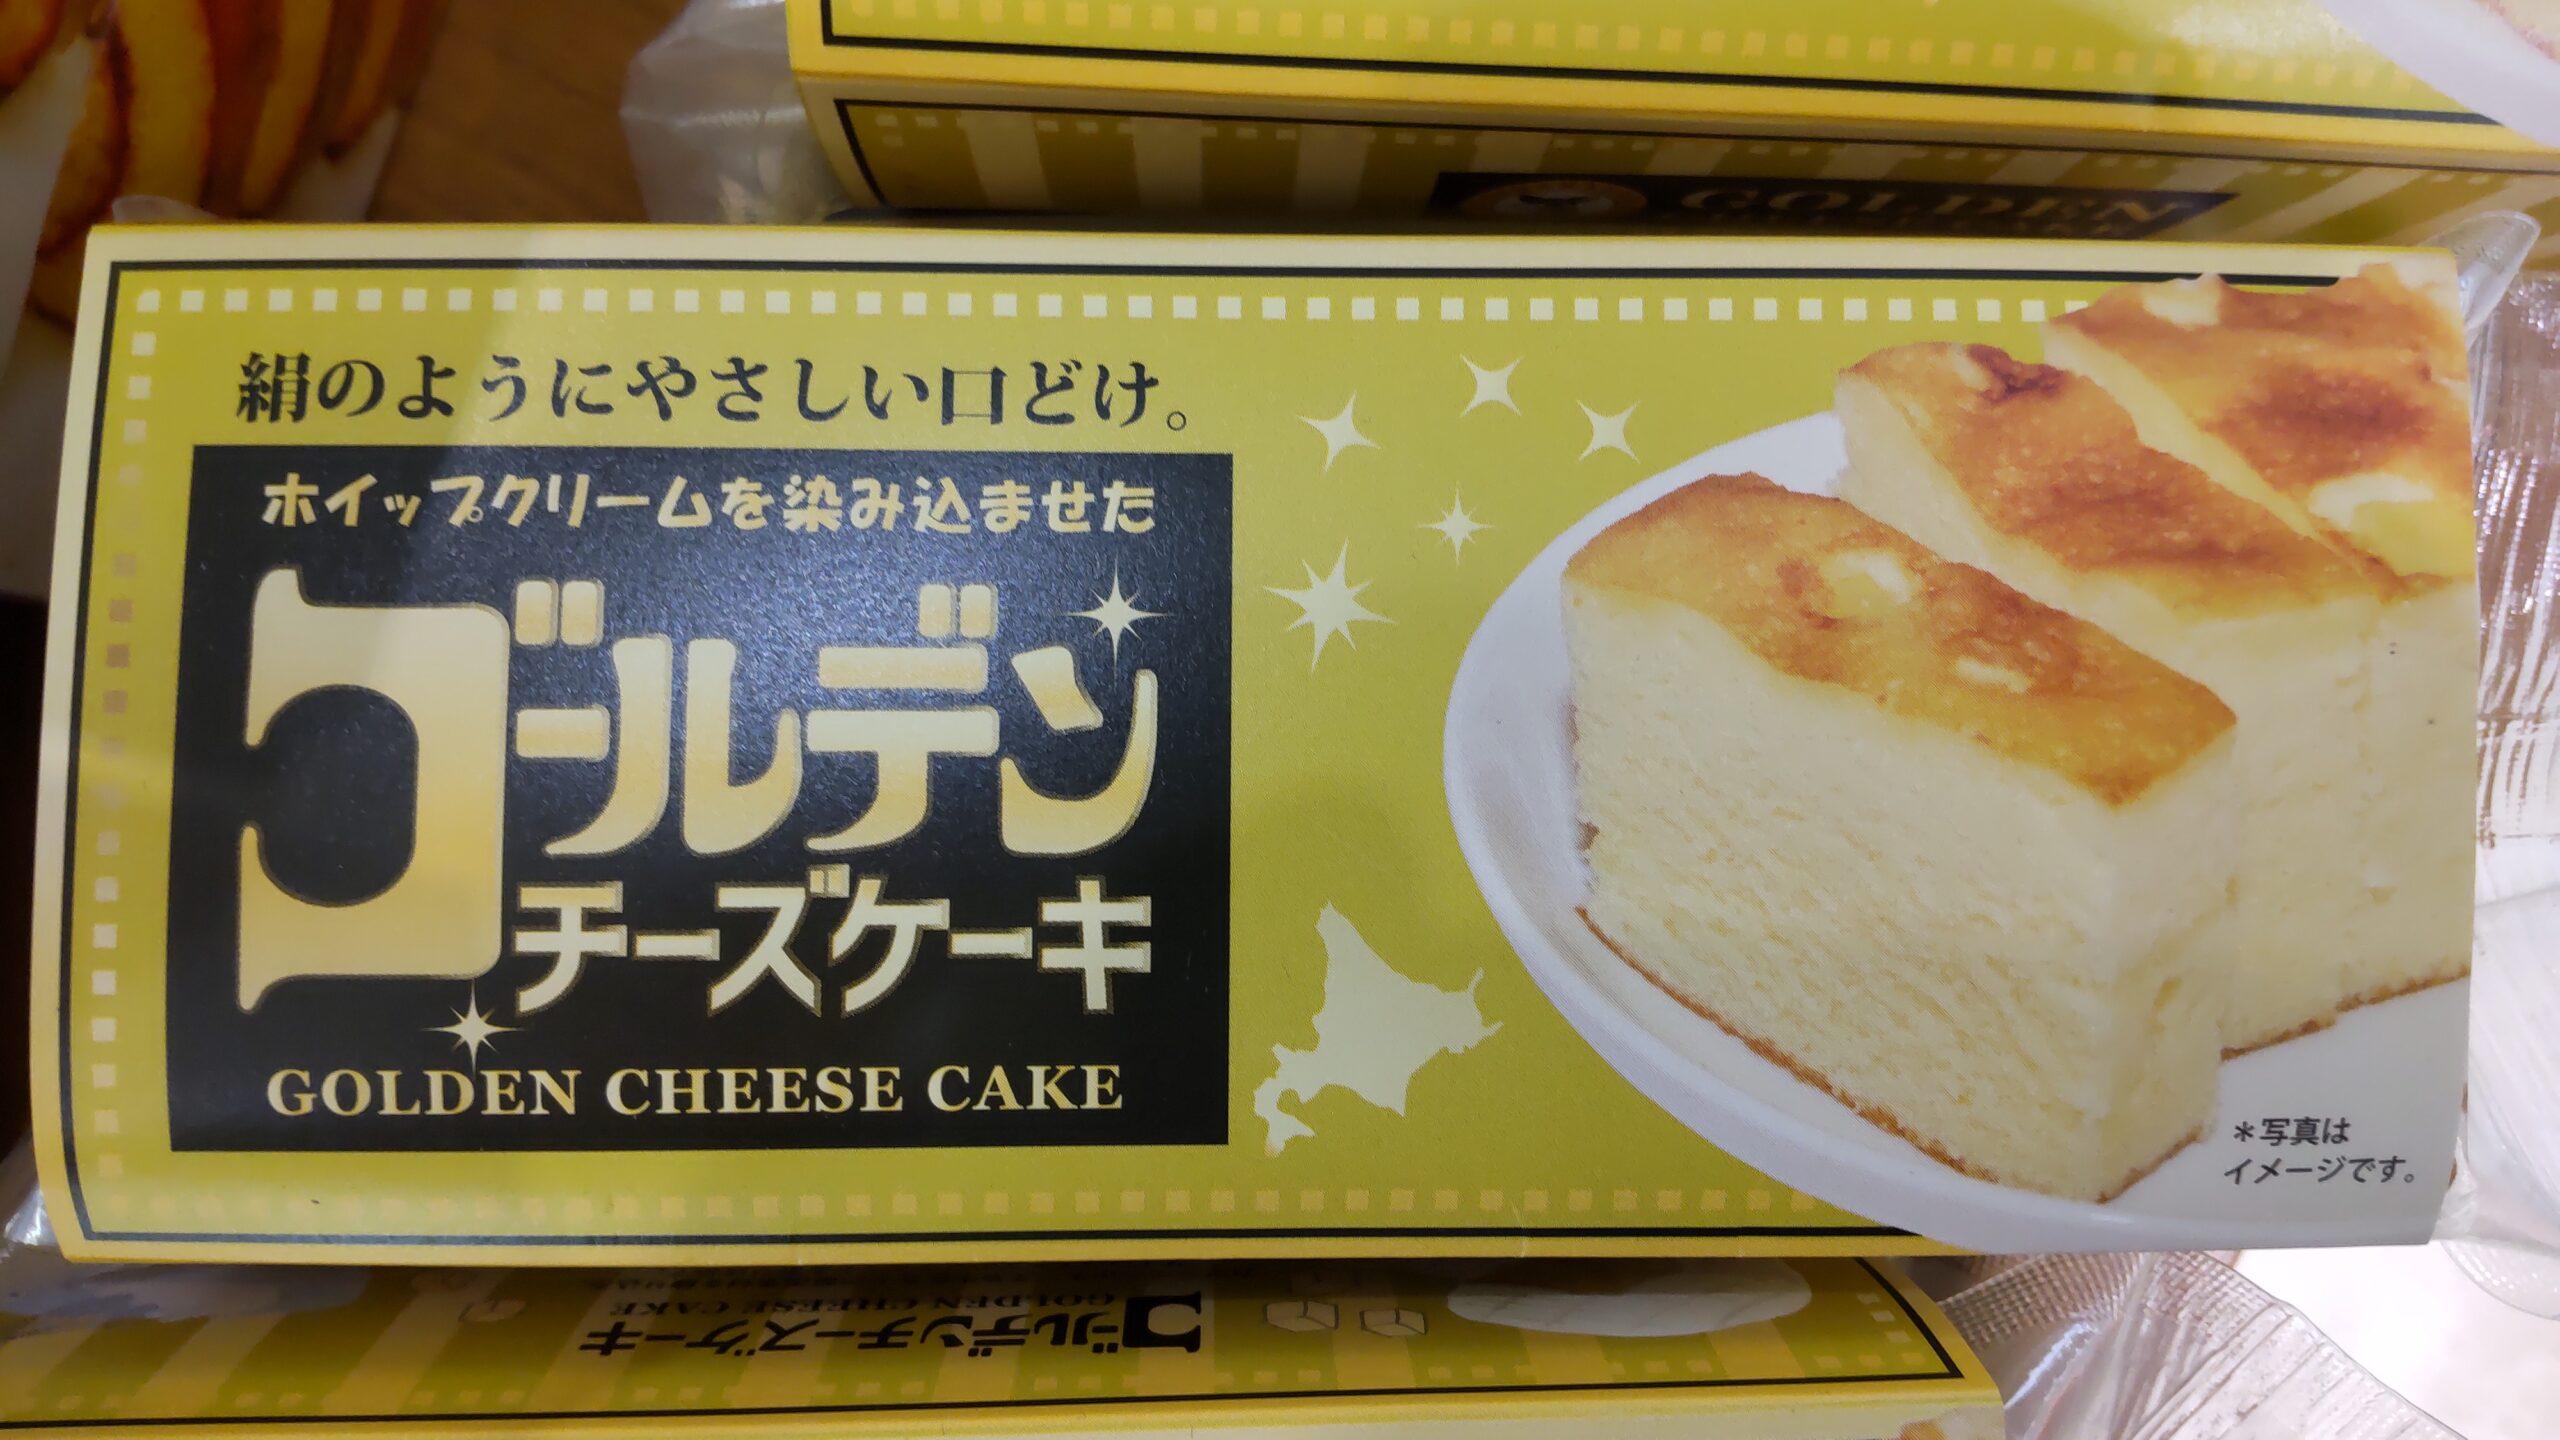 青華堂「ゴールデンチーズケーキ」